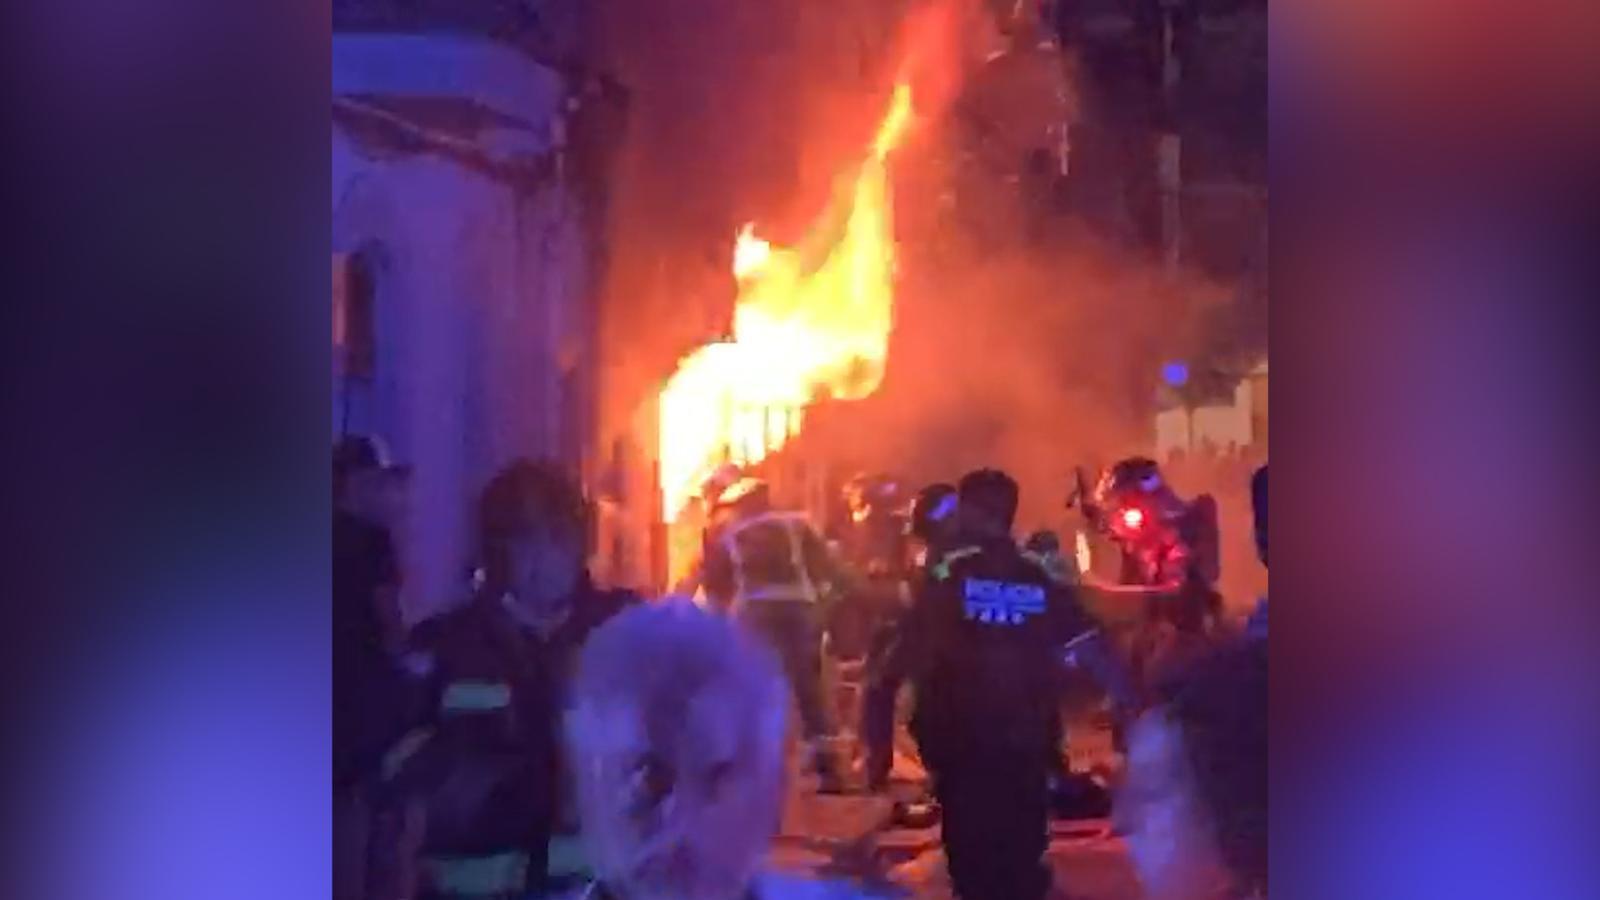 Les flames que sortien dels baixos d'un bloc de pisos durant l'incendi a la Barceloneta